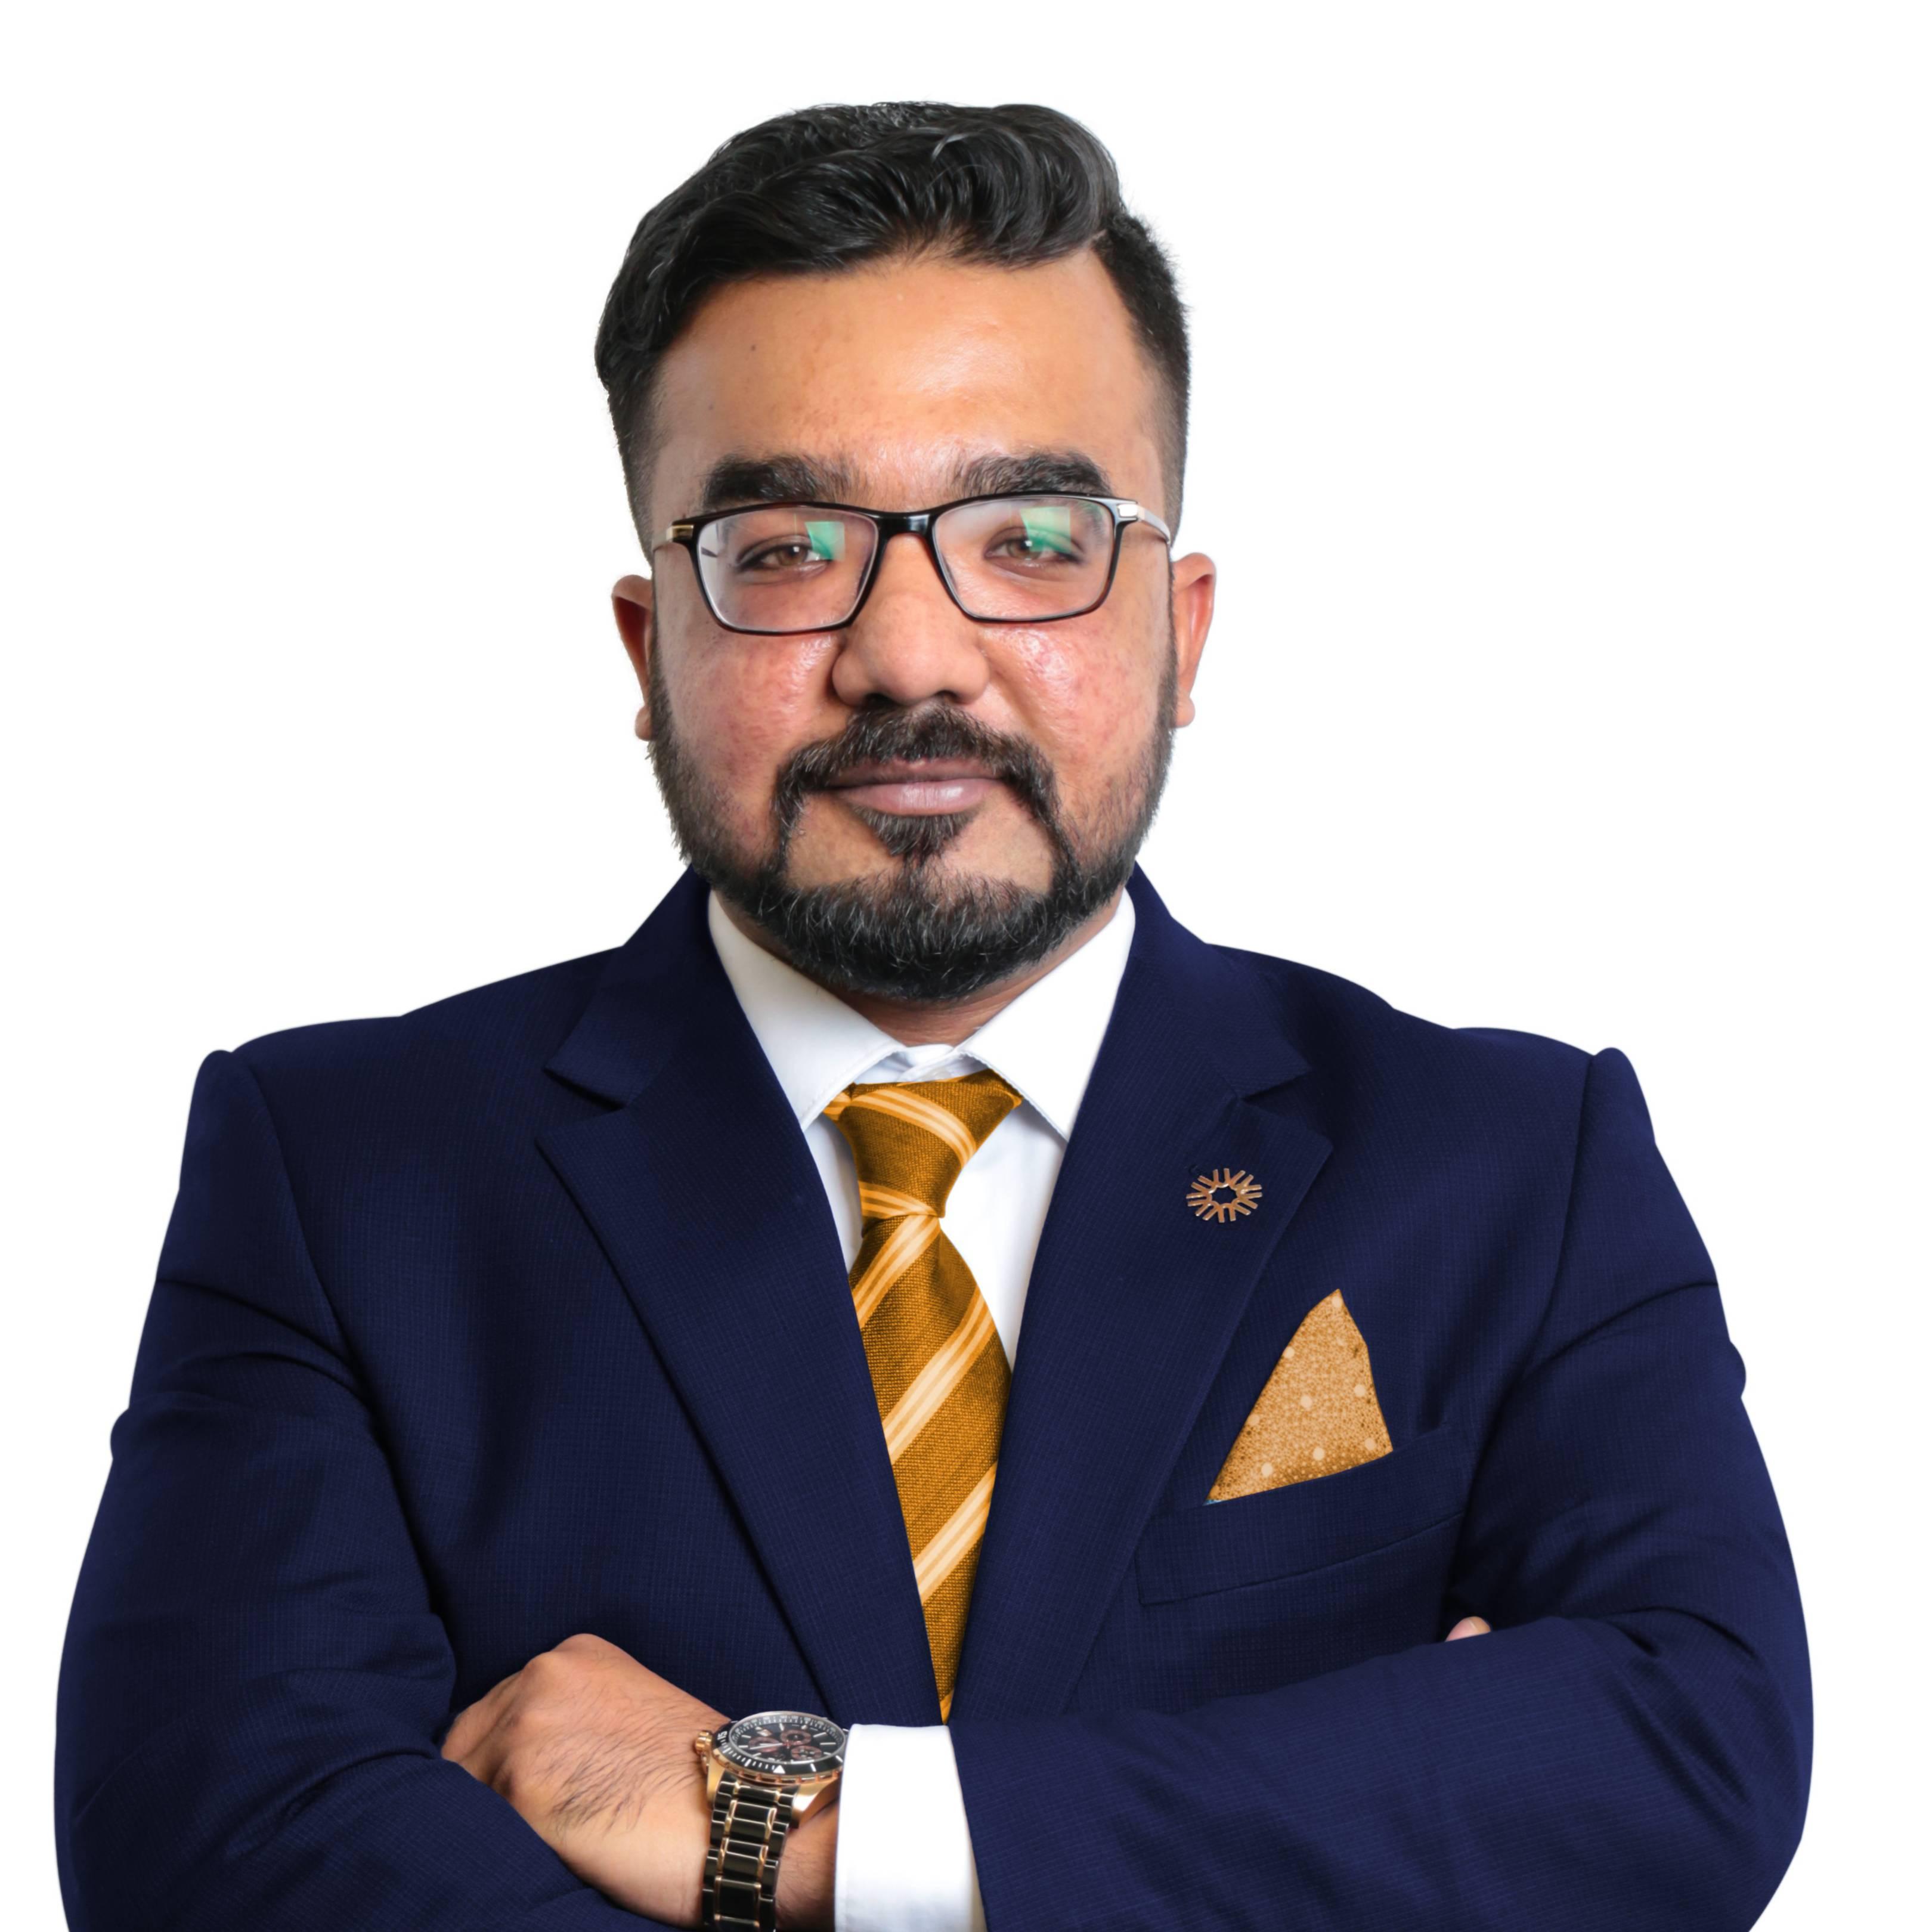 Adeel Shahzad